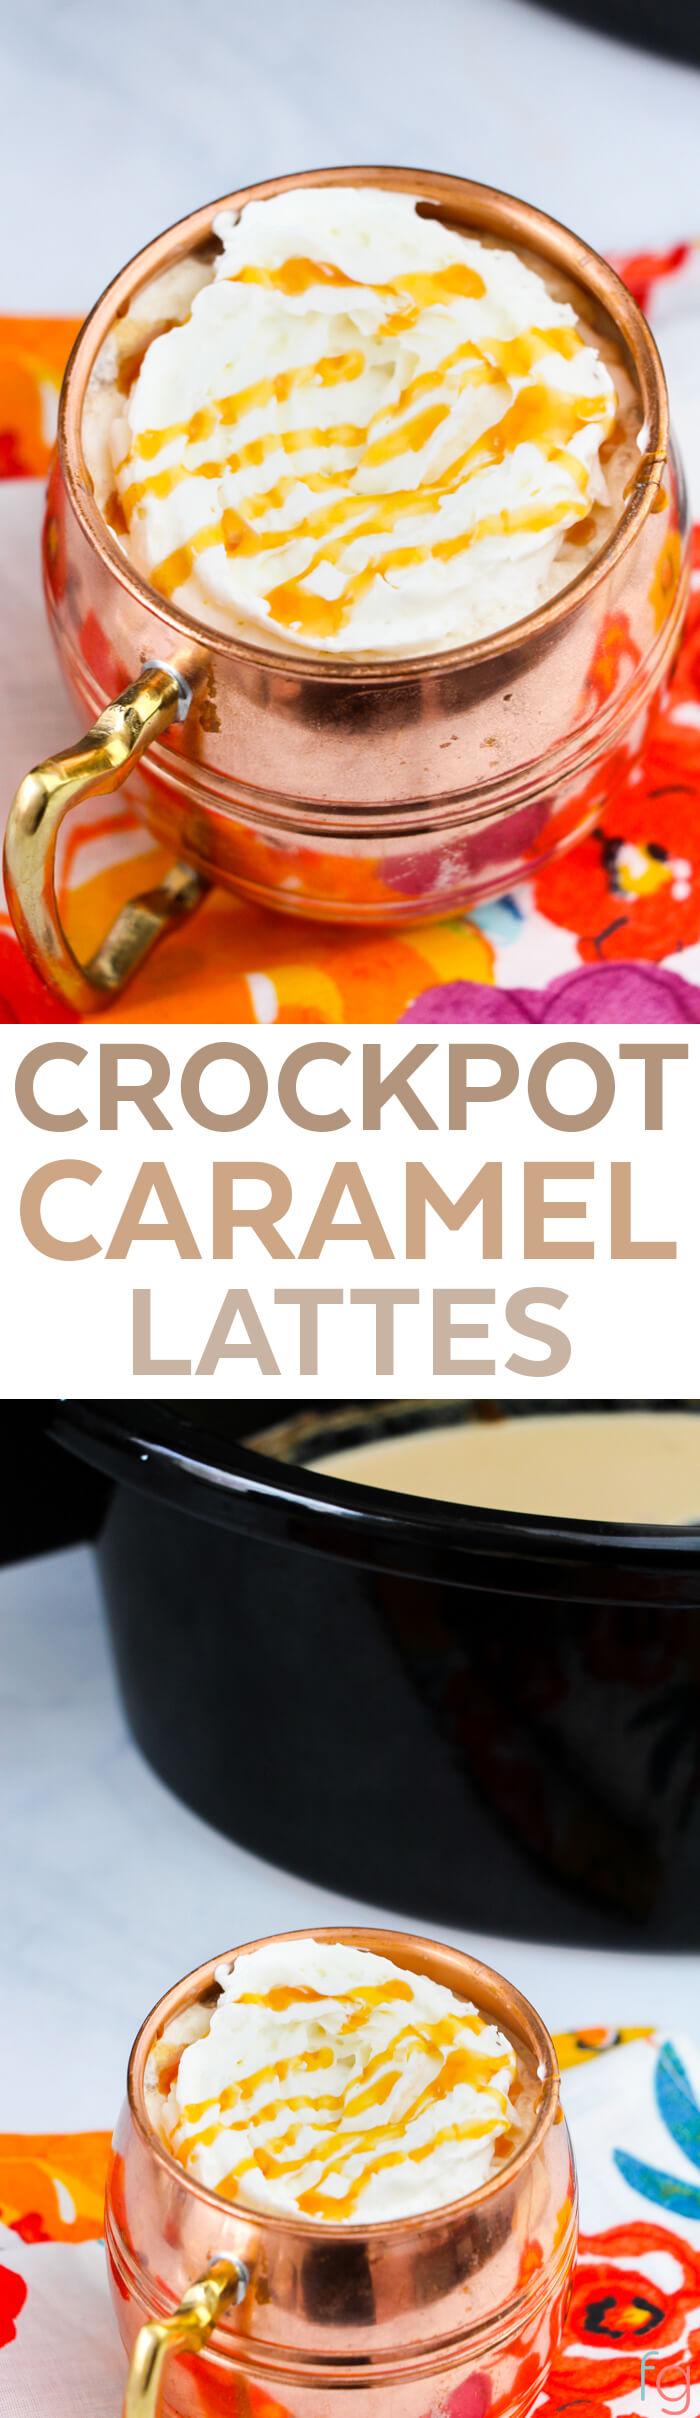 Crockpot Caramel Latte - Crock Pot Latte Recipes - Crockpot Latte - Slow Cooker Drink Recipes - Slow Cooker Recipes - Crockpot Recipes - Homemade Starbucks Recipes - Brunch Ideas - Brunch Recipes